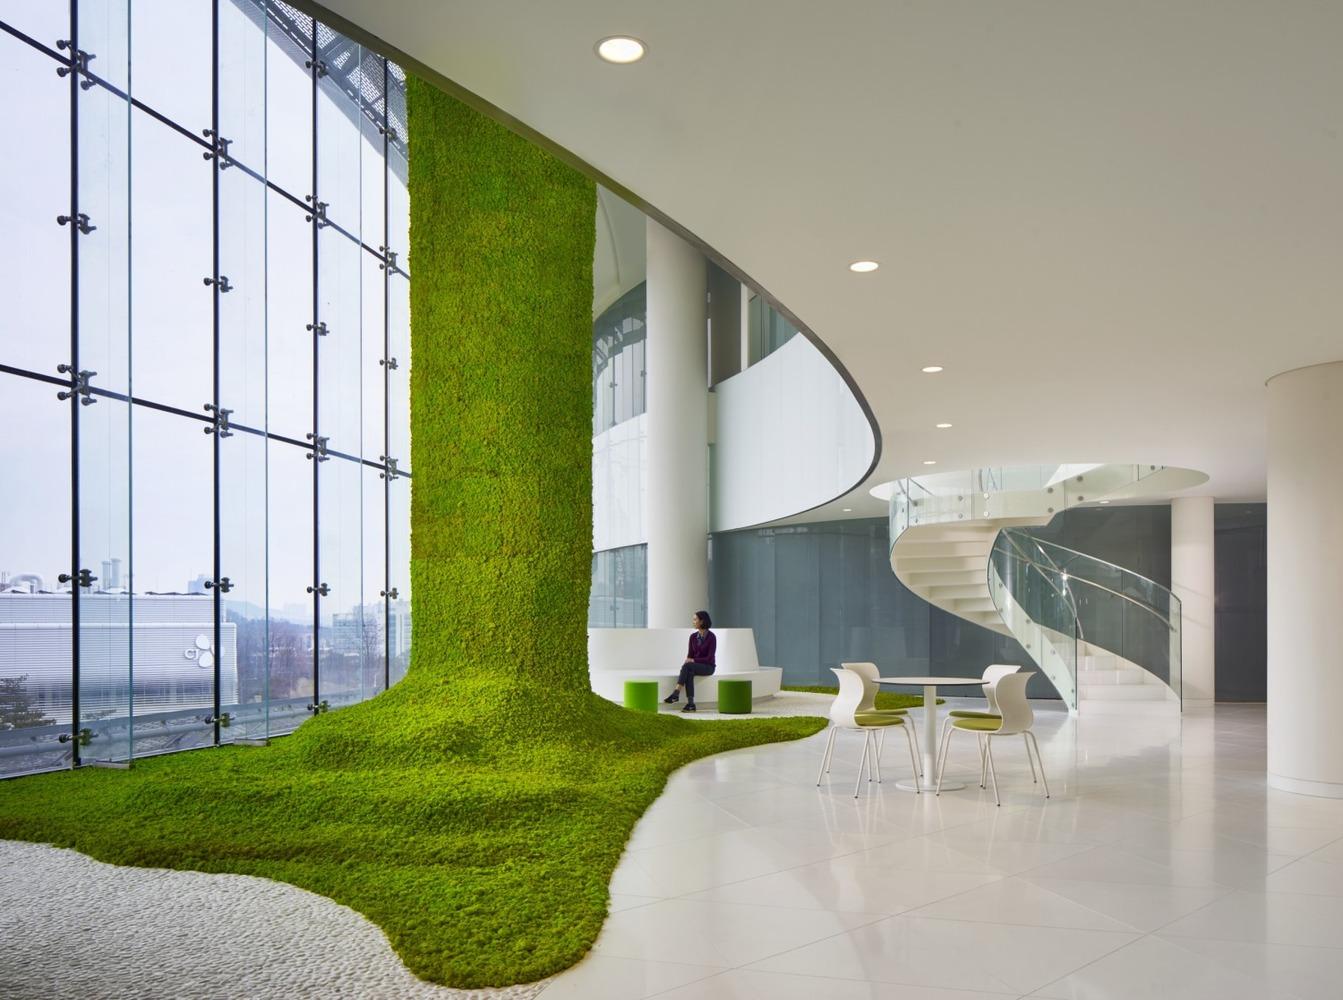 sống xanh, kiến trúc xanh - Happynest